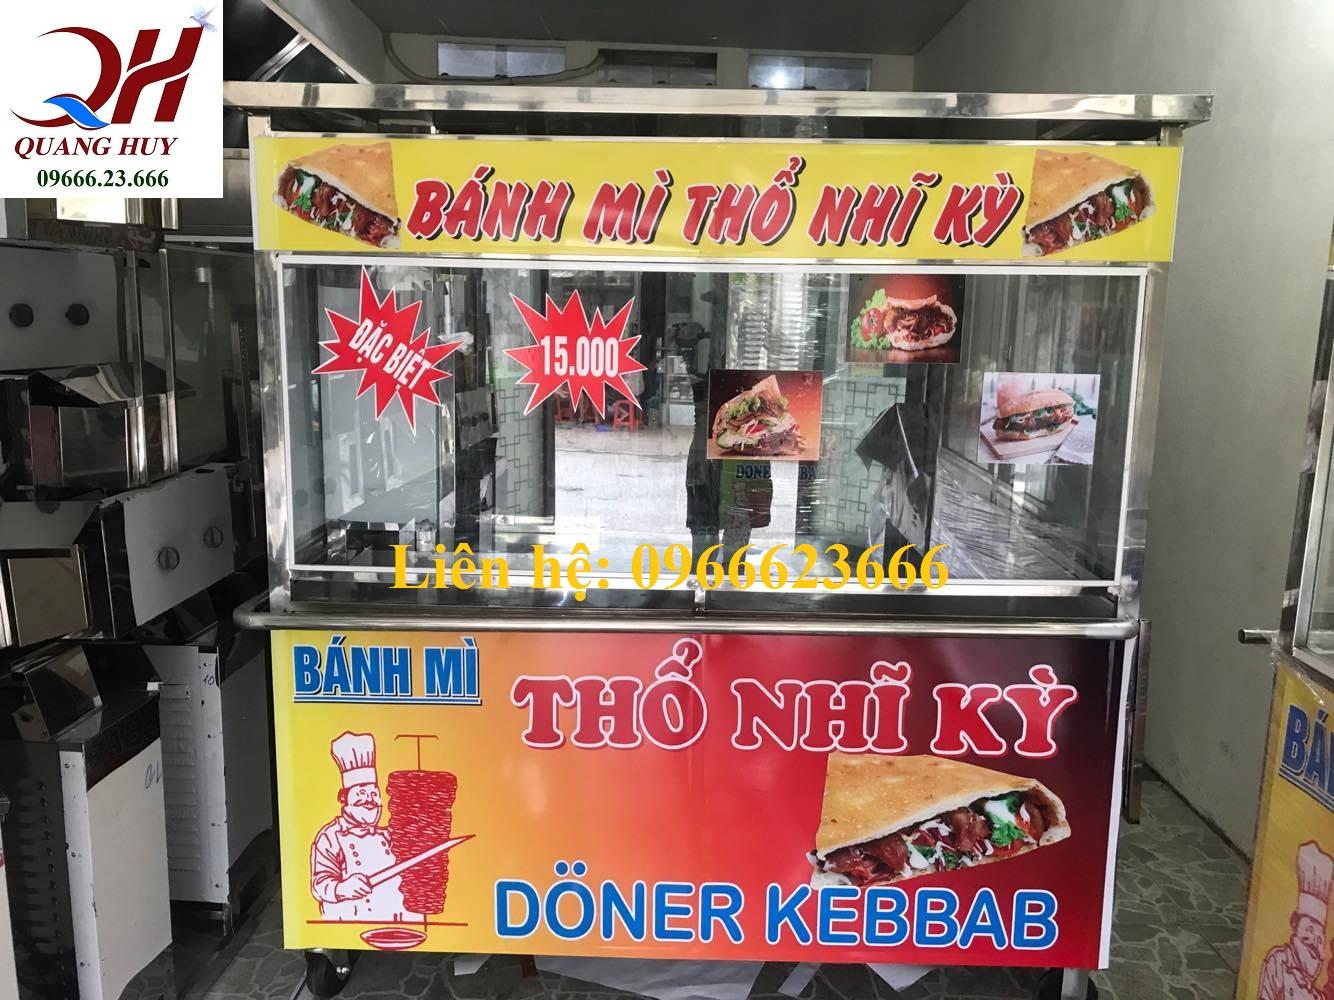 Xe bánh mì doentr kebab cỡ lớn